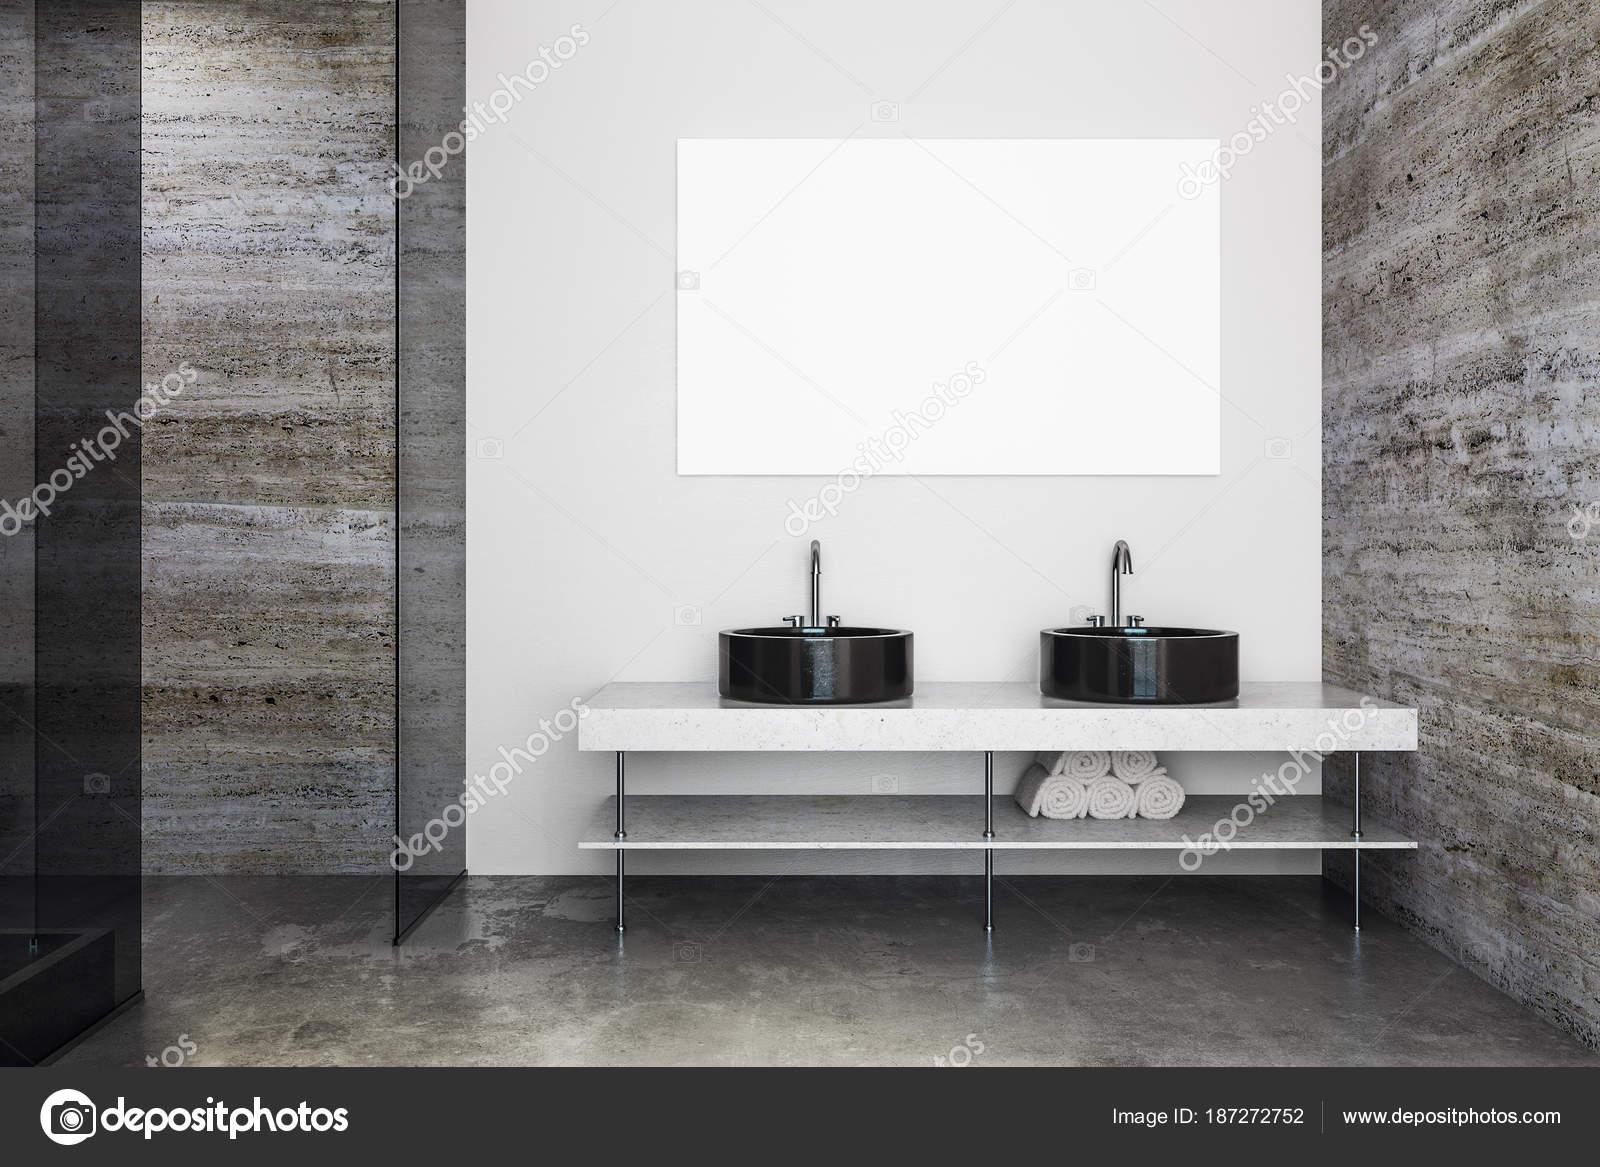 Modernes badezimmer mit waschbecken und poster u stockfoto